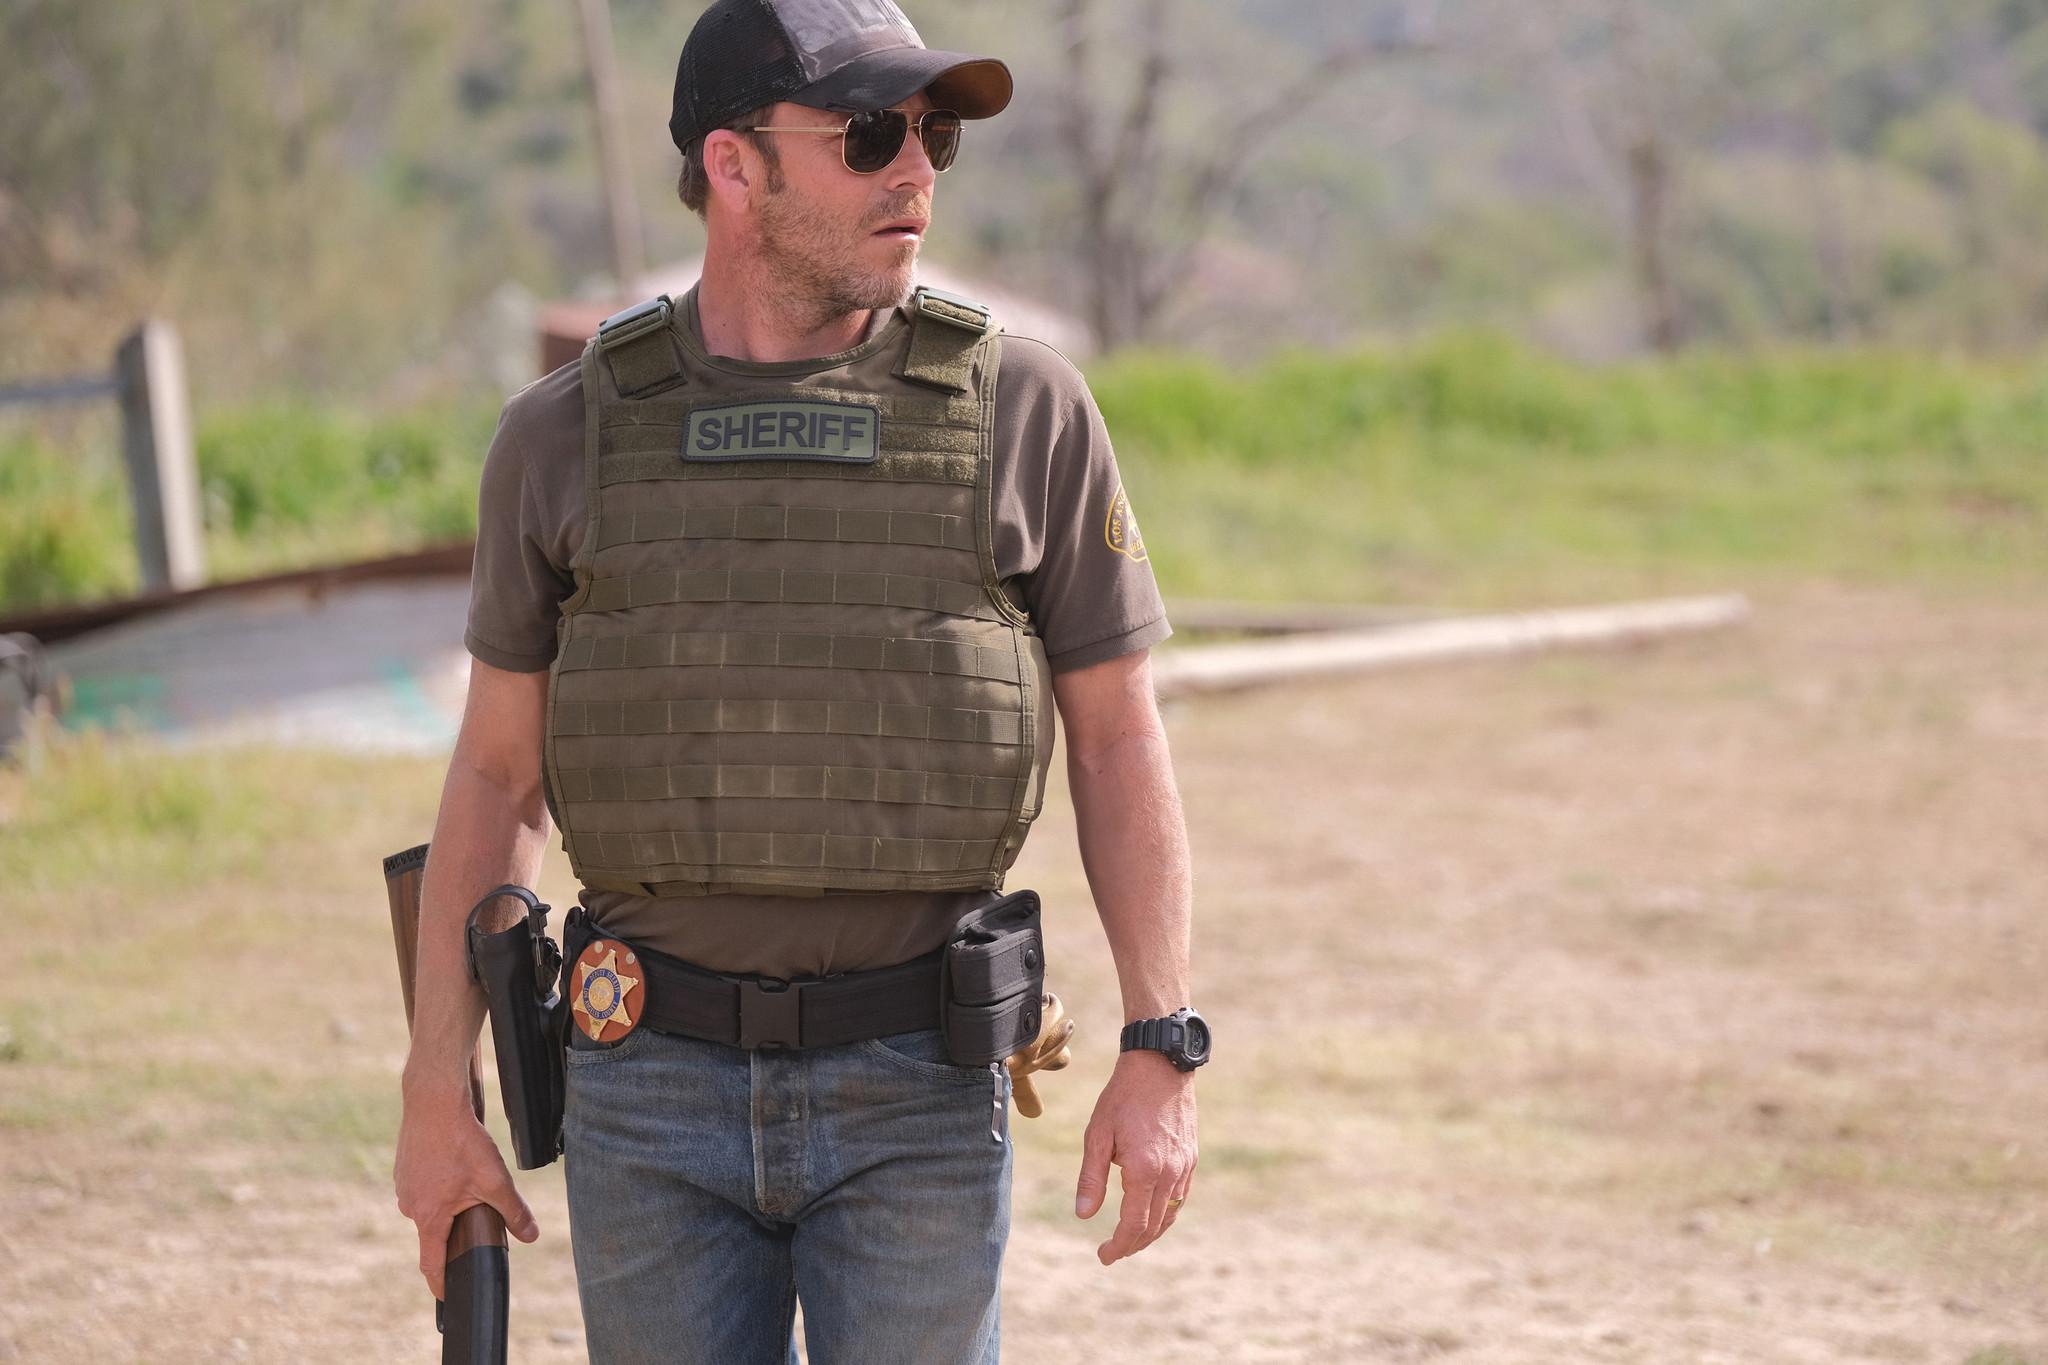 Stephen Dorff drama 'Deputy' shot down after 13 episodes